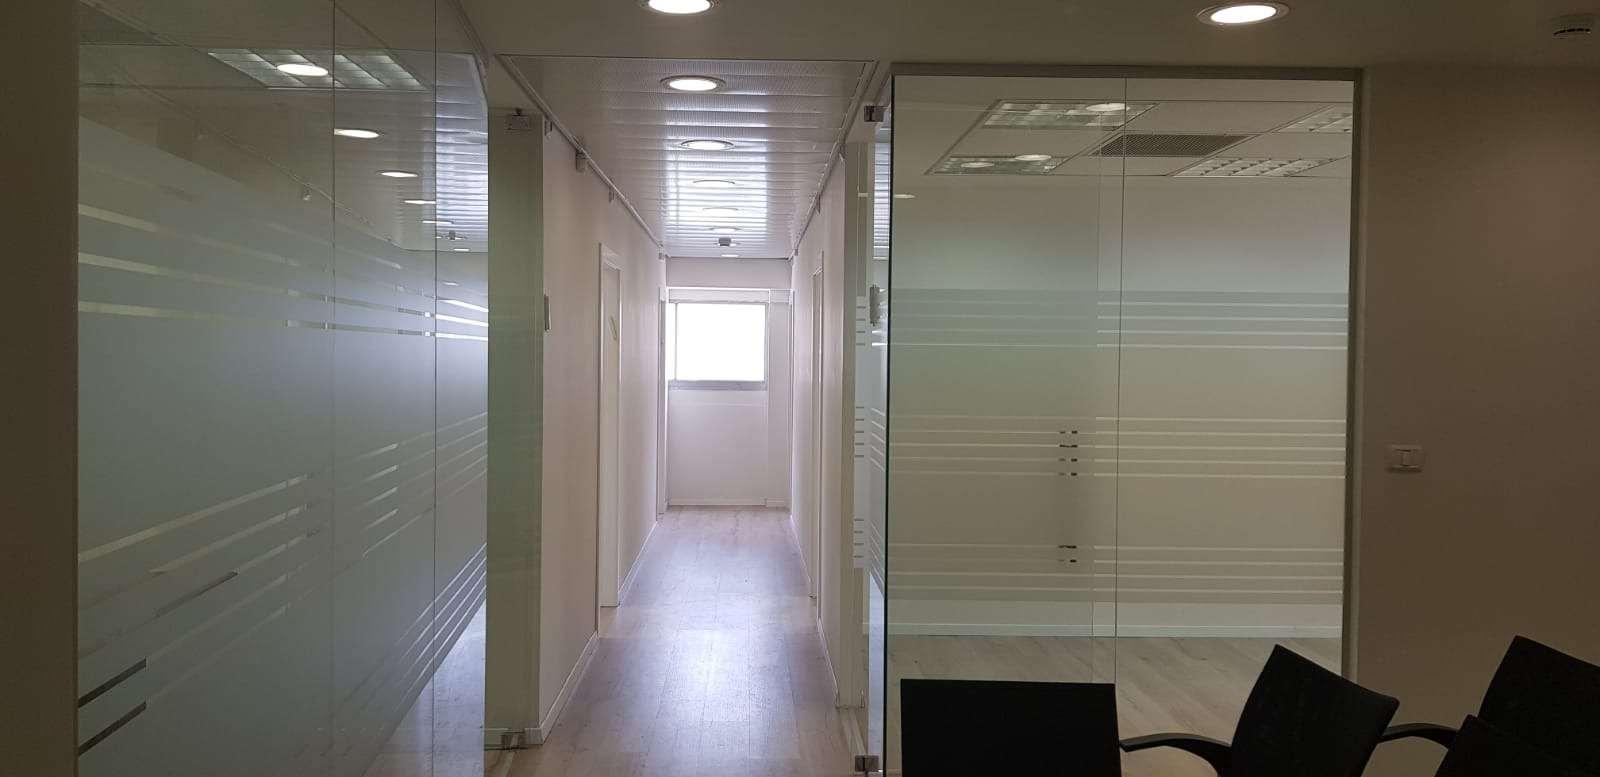 תמונה 2 ,משרדים להשכרה הברזל  תל אביב יפו